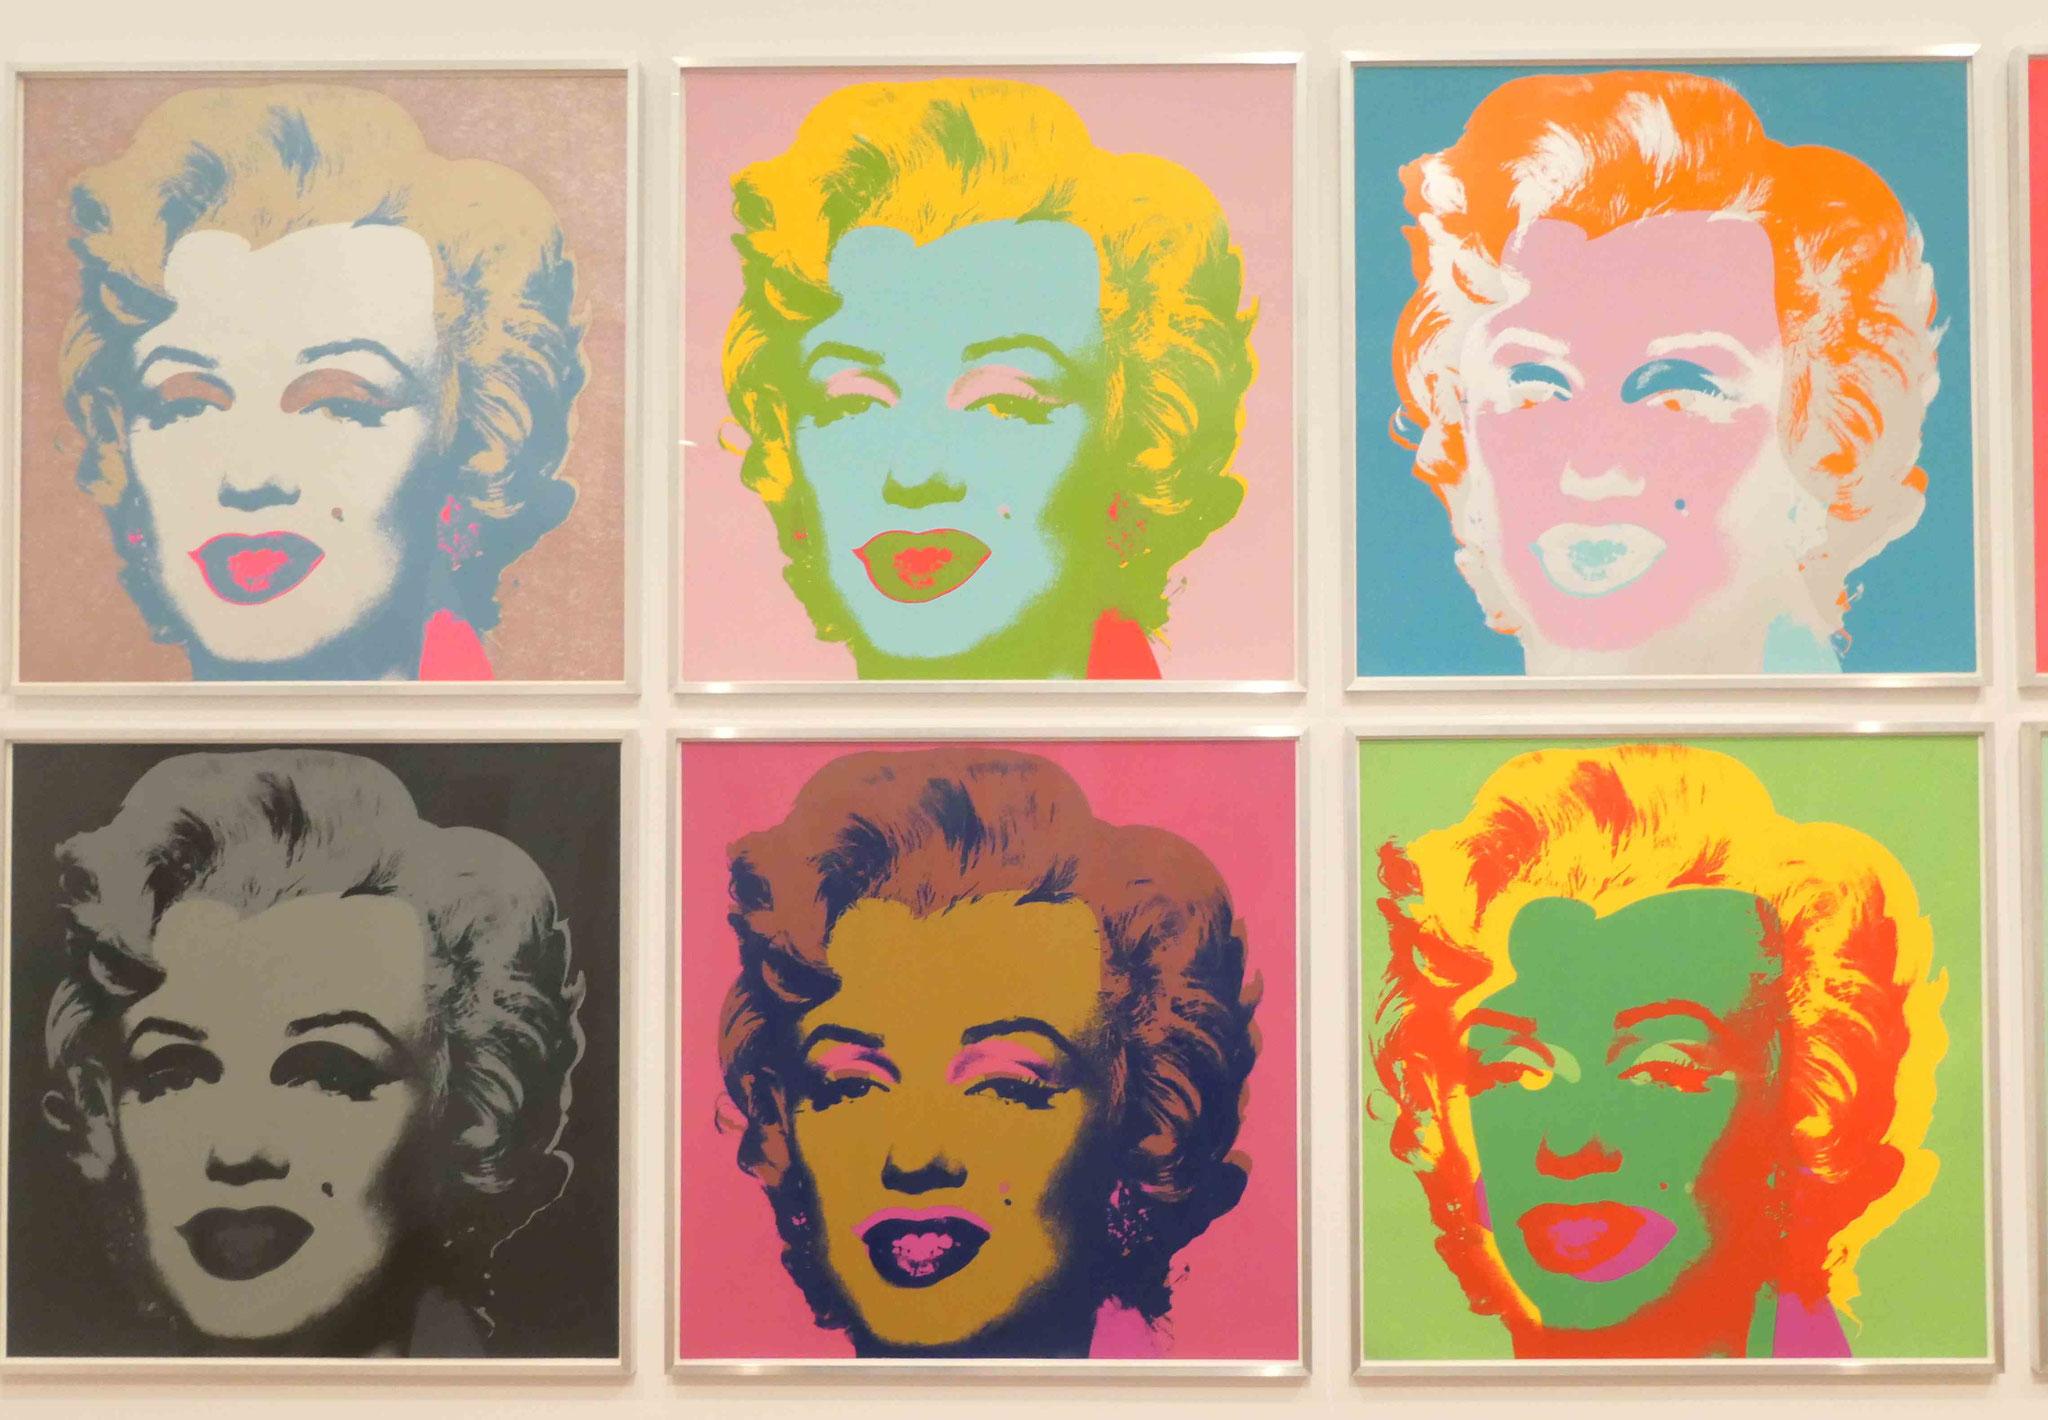 Andy Warhol, Marilyn, Serie von Siebdrucken, 1967, Kunsthandel Berlin